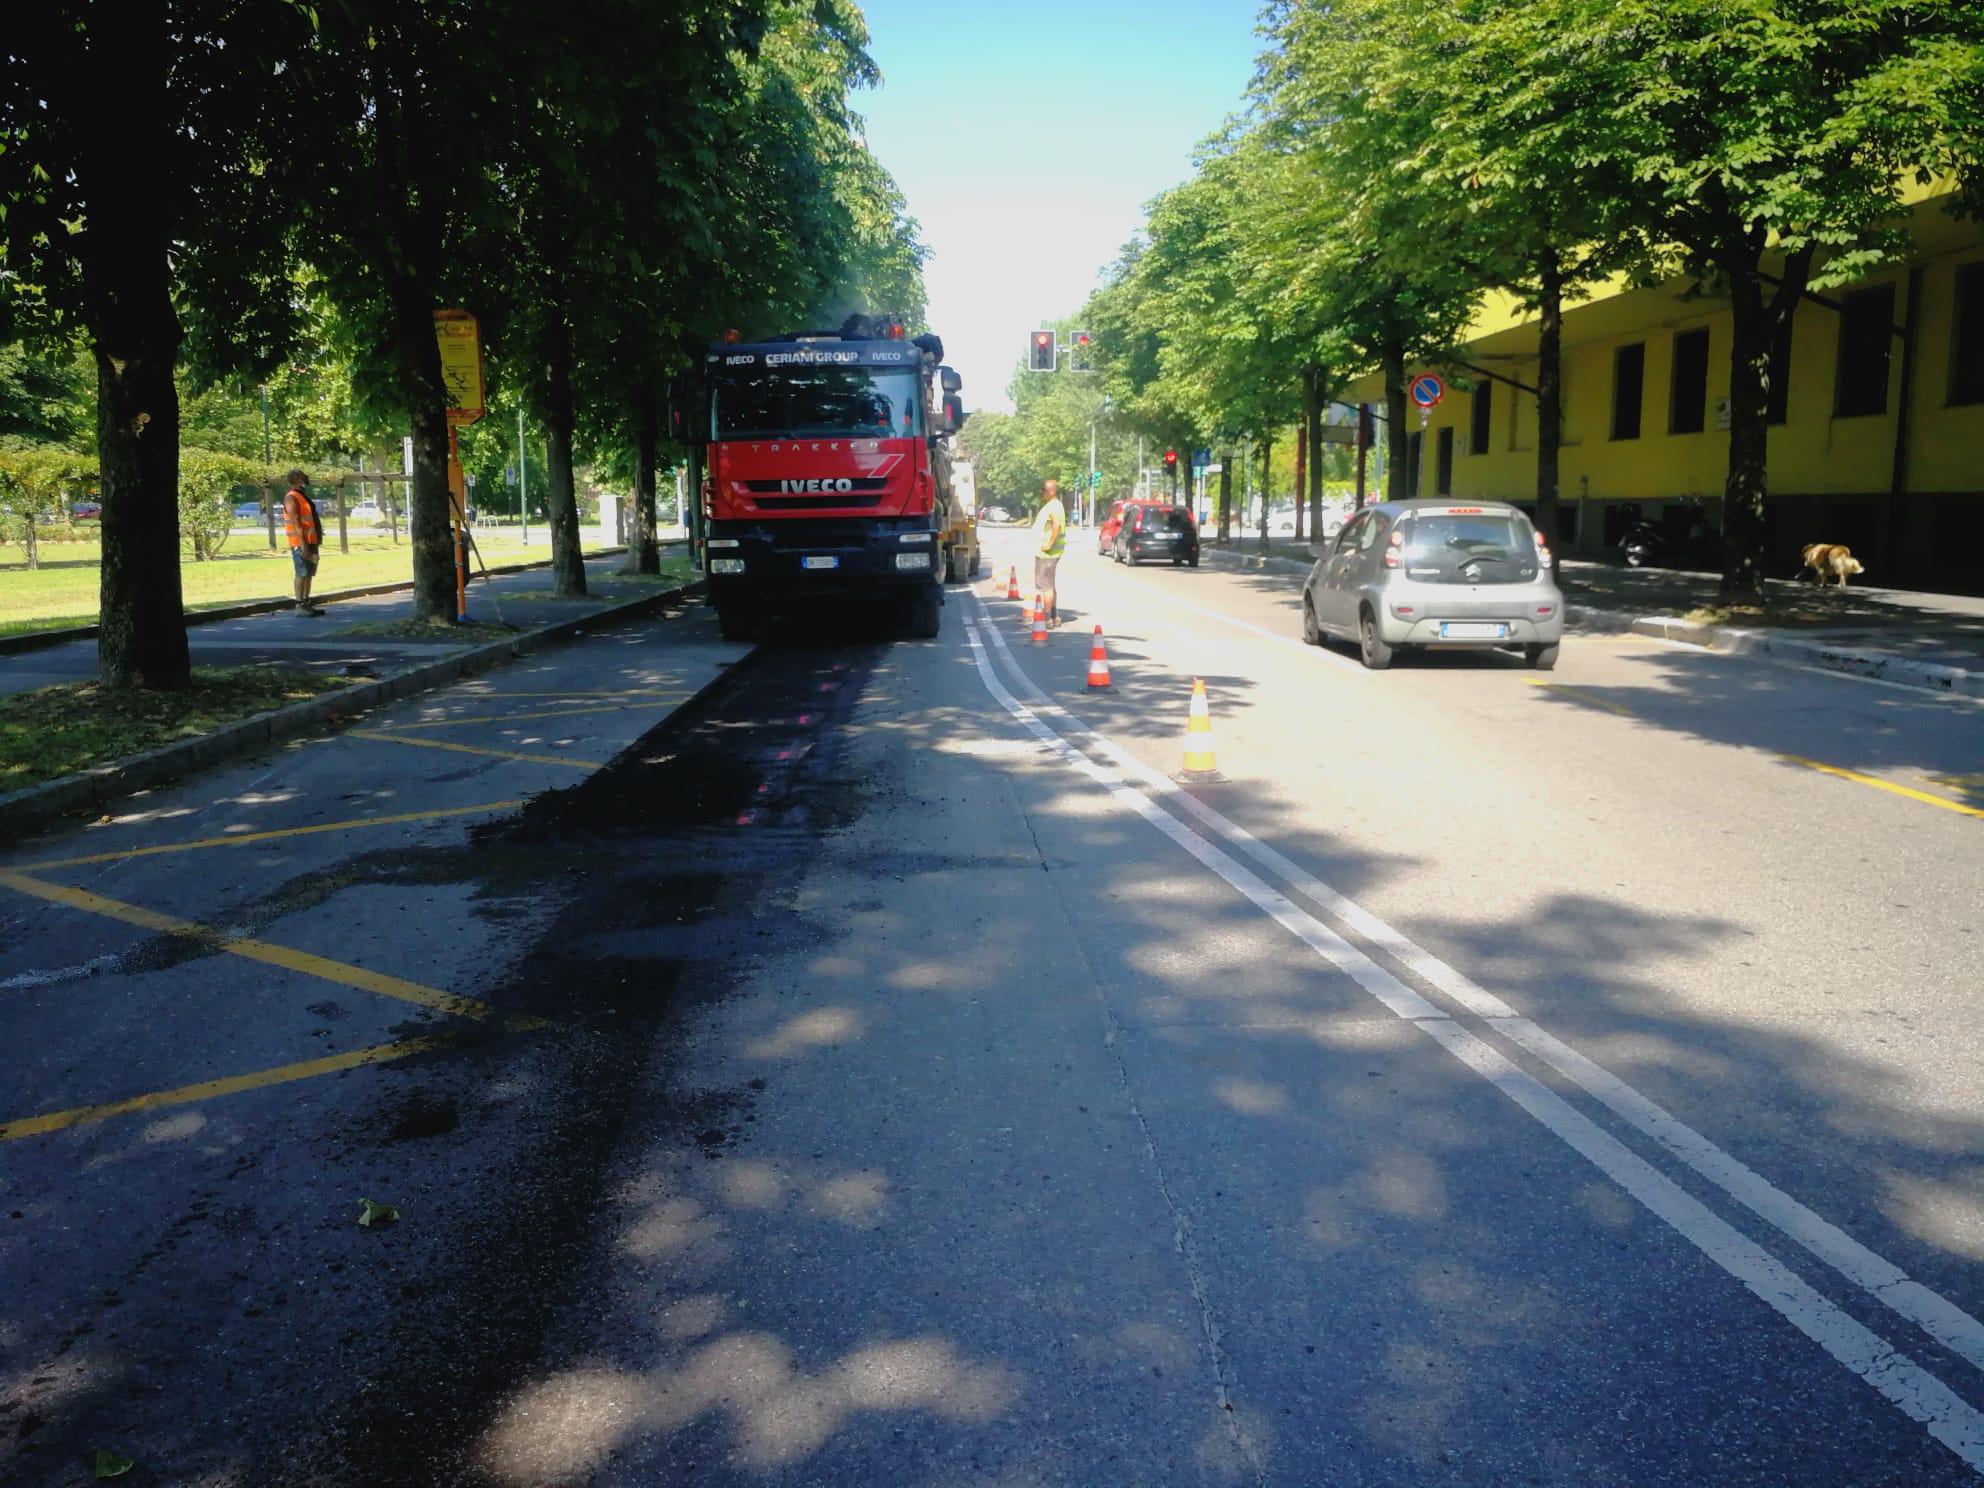 via volontari del sangue -asfaltatura 2020